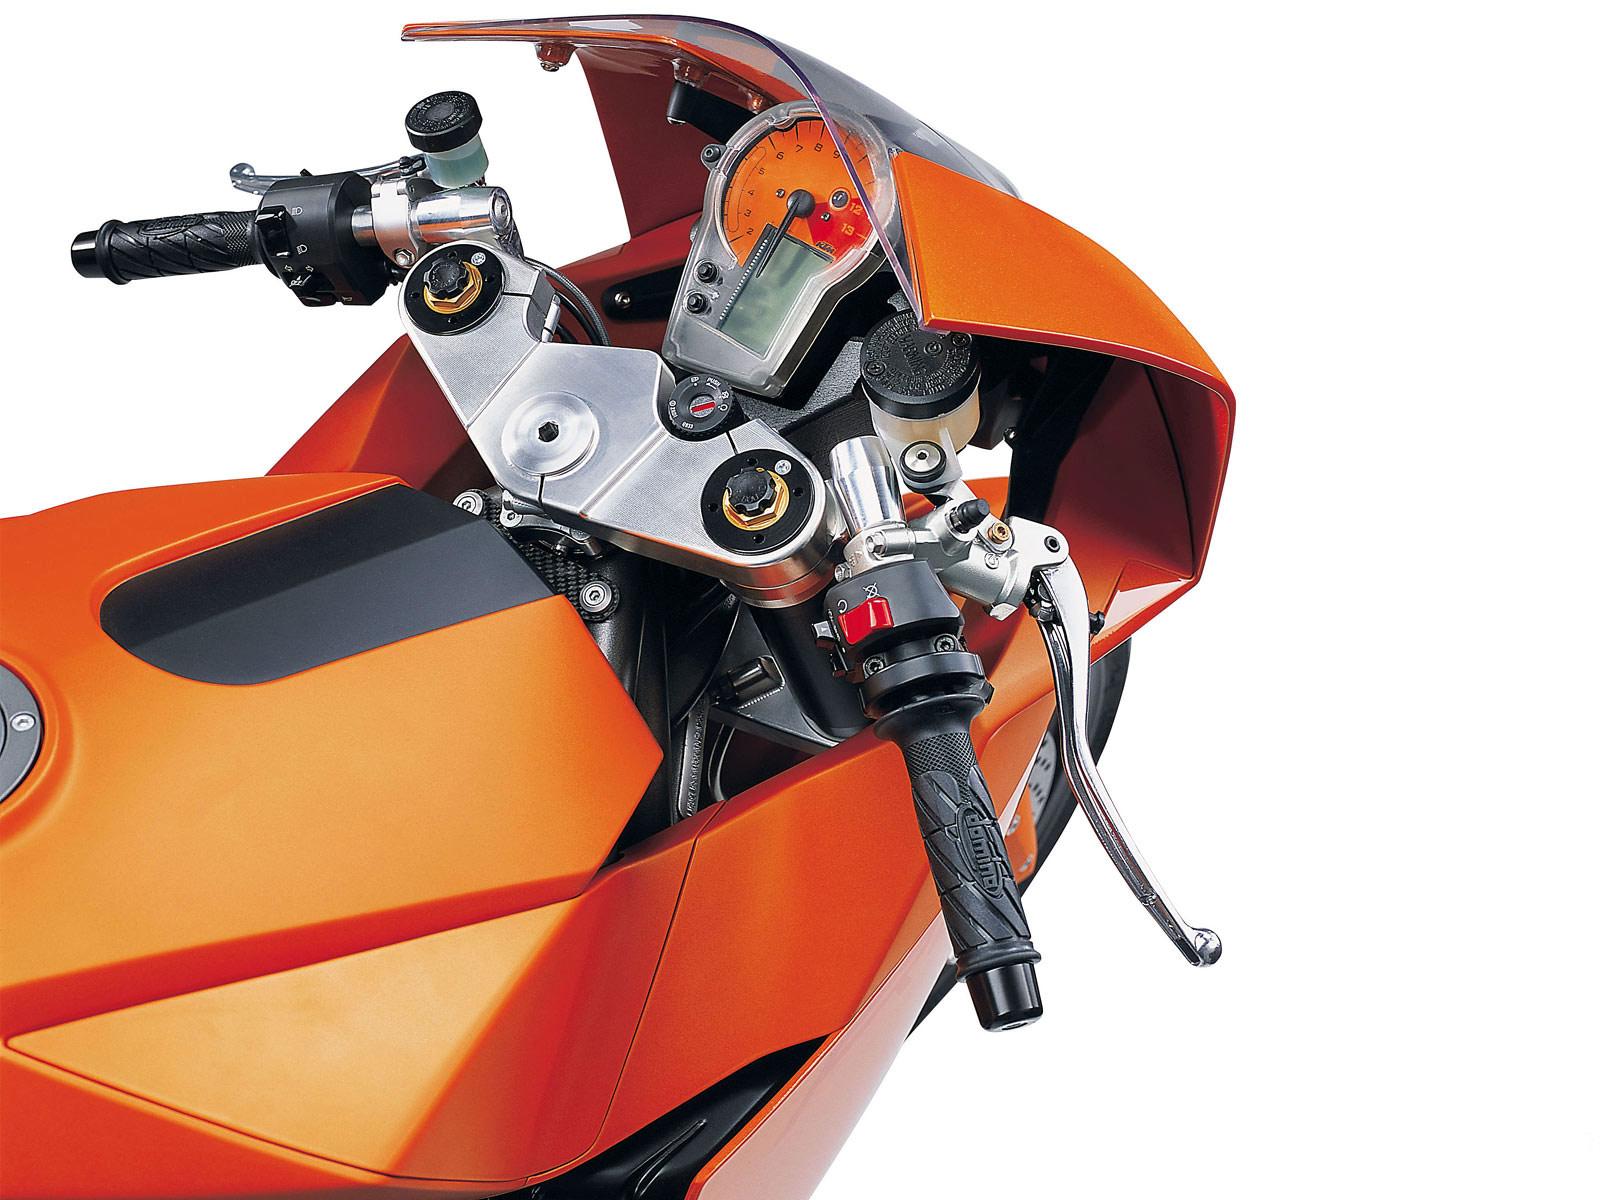 http://3.bp.blogspot.com/-3cqjHRGmpcU/TibAcEbUtbI/AAAAAAAAANE/BXrWADSNu6A/s1600/ktm_990_RCB_Concept_2003_motorcycle-desktop-wallpaper_10.jpg